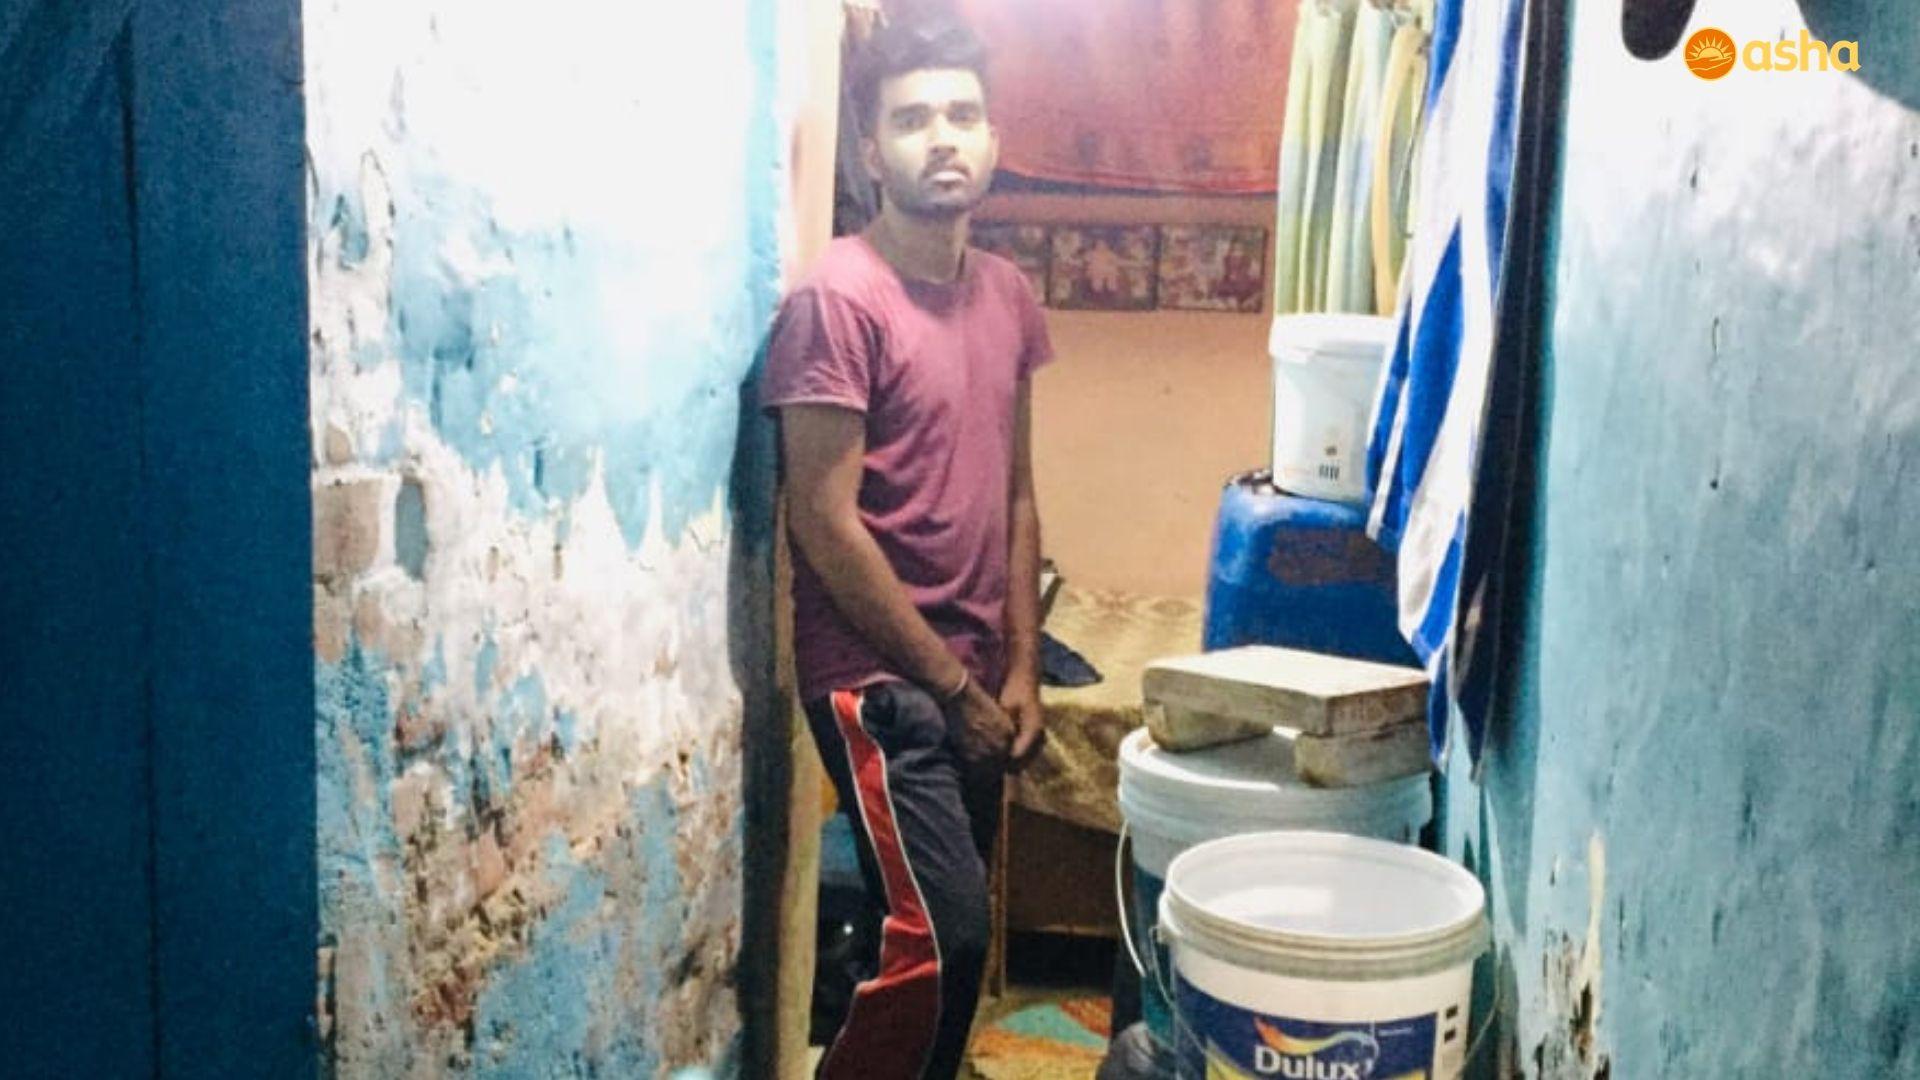 Amritesh in his shanty at Asha's Kusumpur slum community